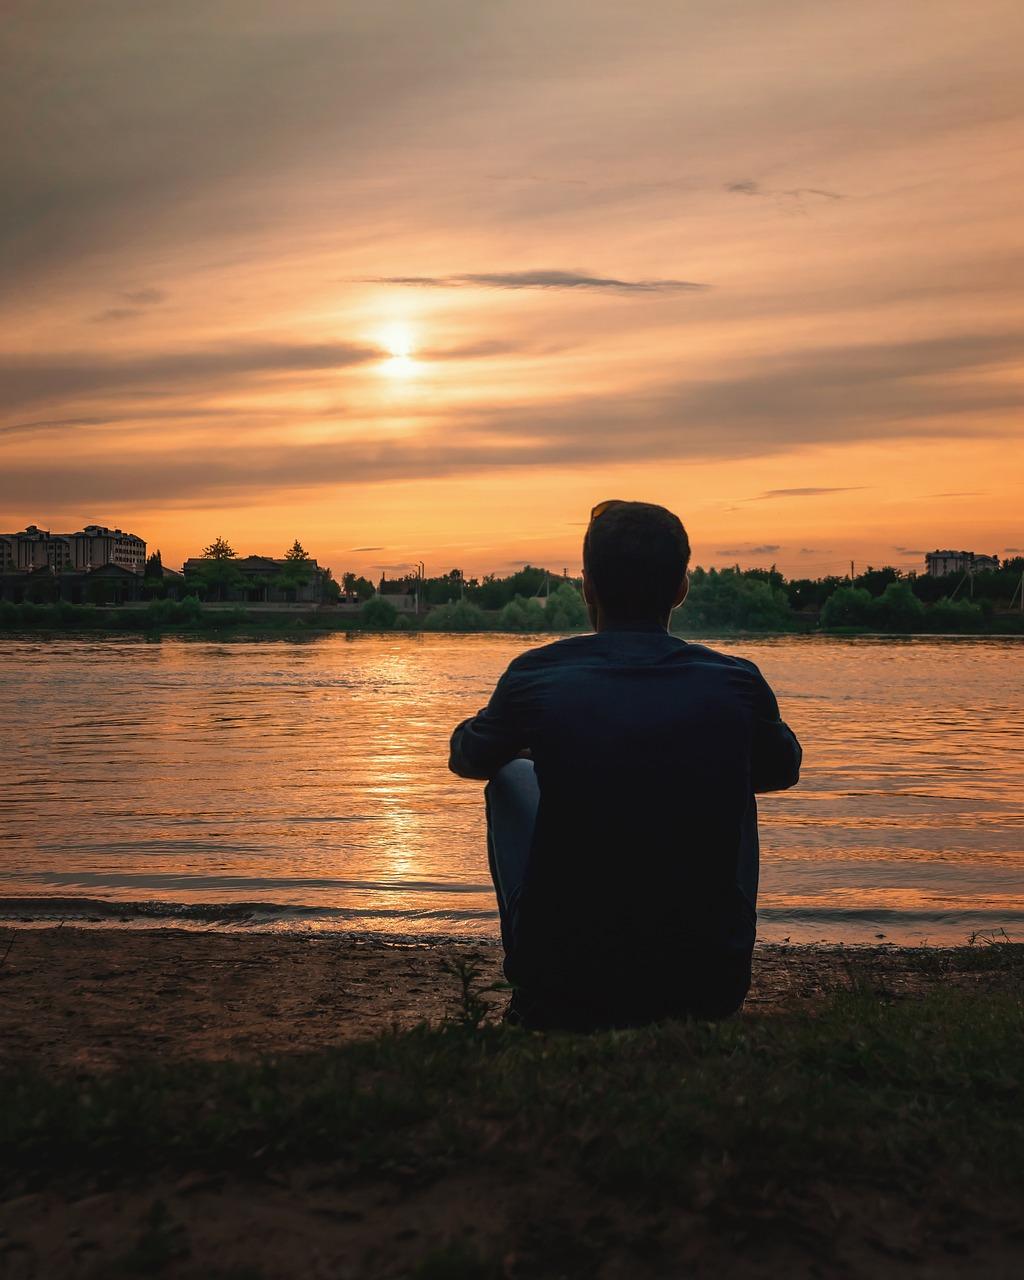 Картинки одинокий человек фото